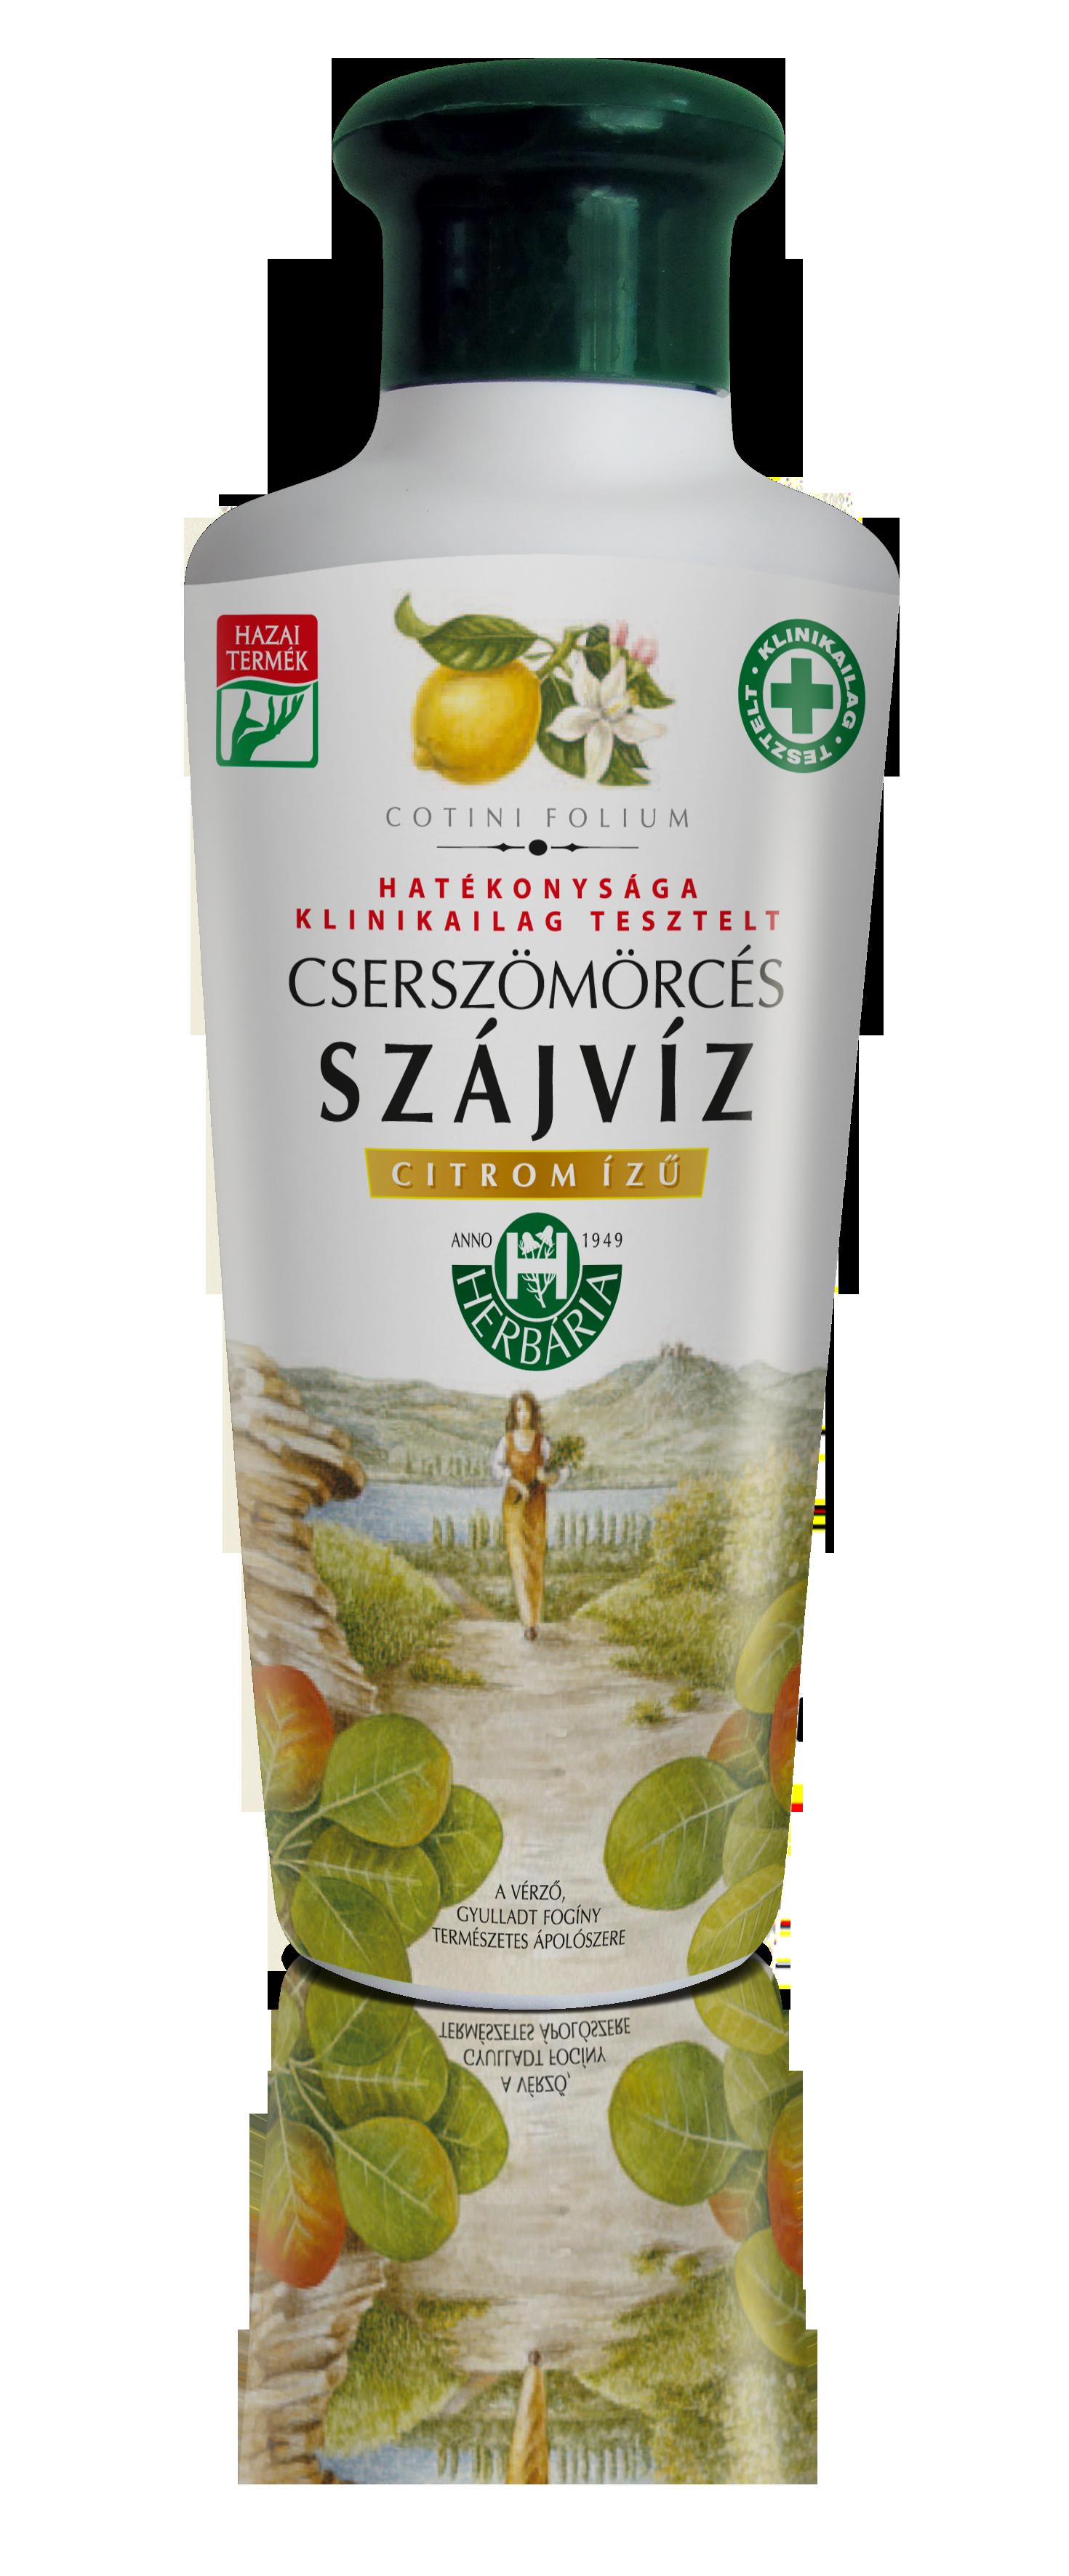 3d_cserszomorces_szajviz_citrom